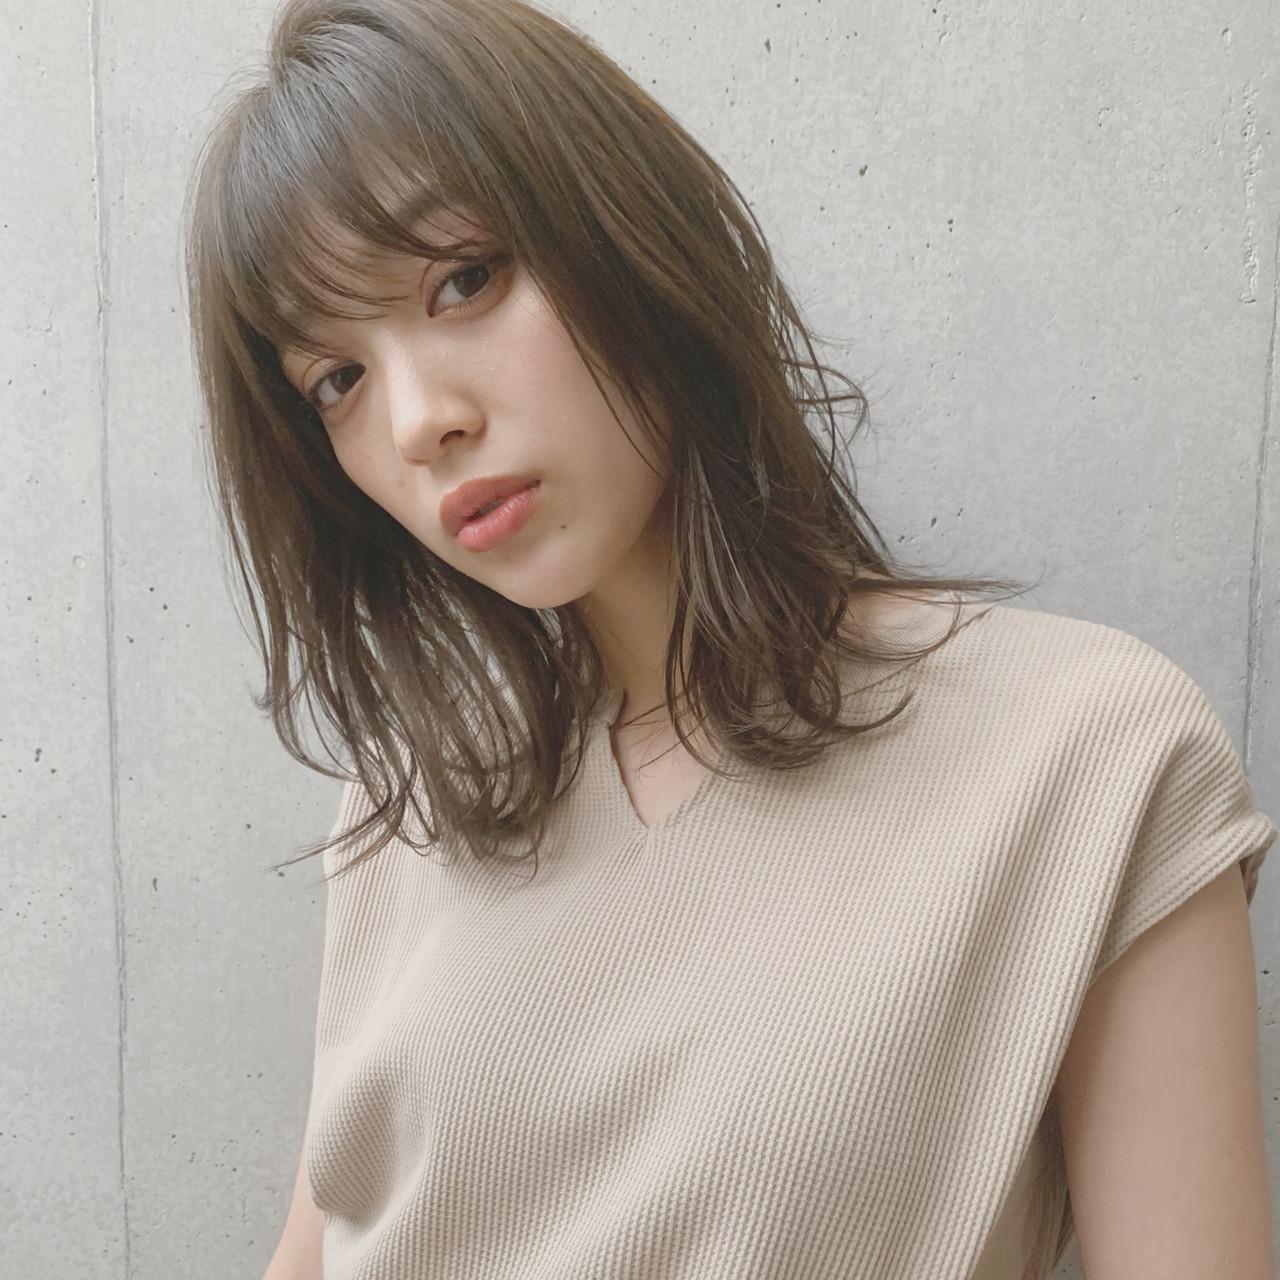 デジタルパーマ ミディアム 透明感カラー 鎖骨ミディアム ヘアスタイルや髪型の写真・画像 | miu 【Agnos青山】 / Agnos 青山